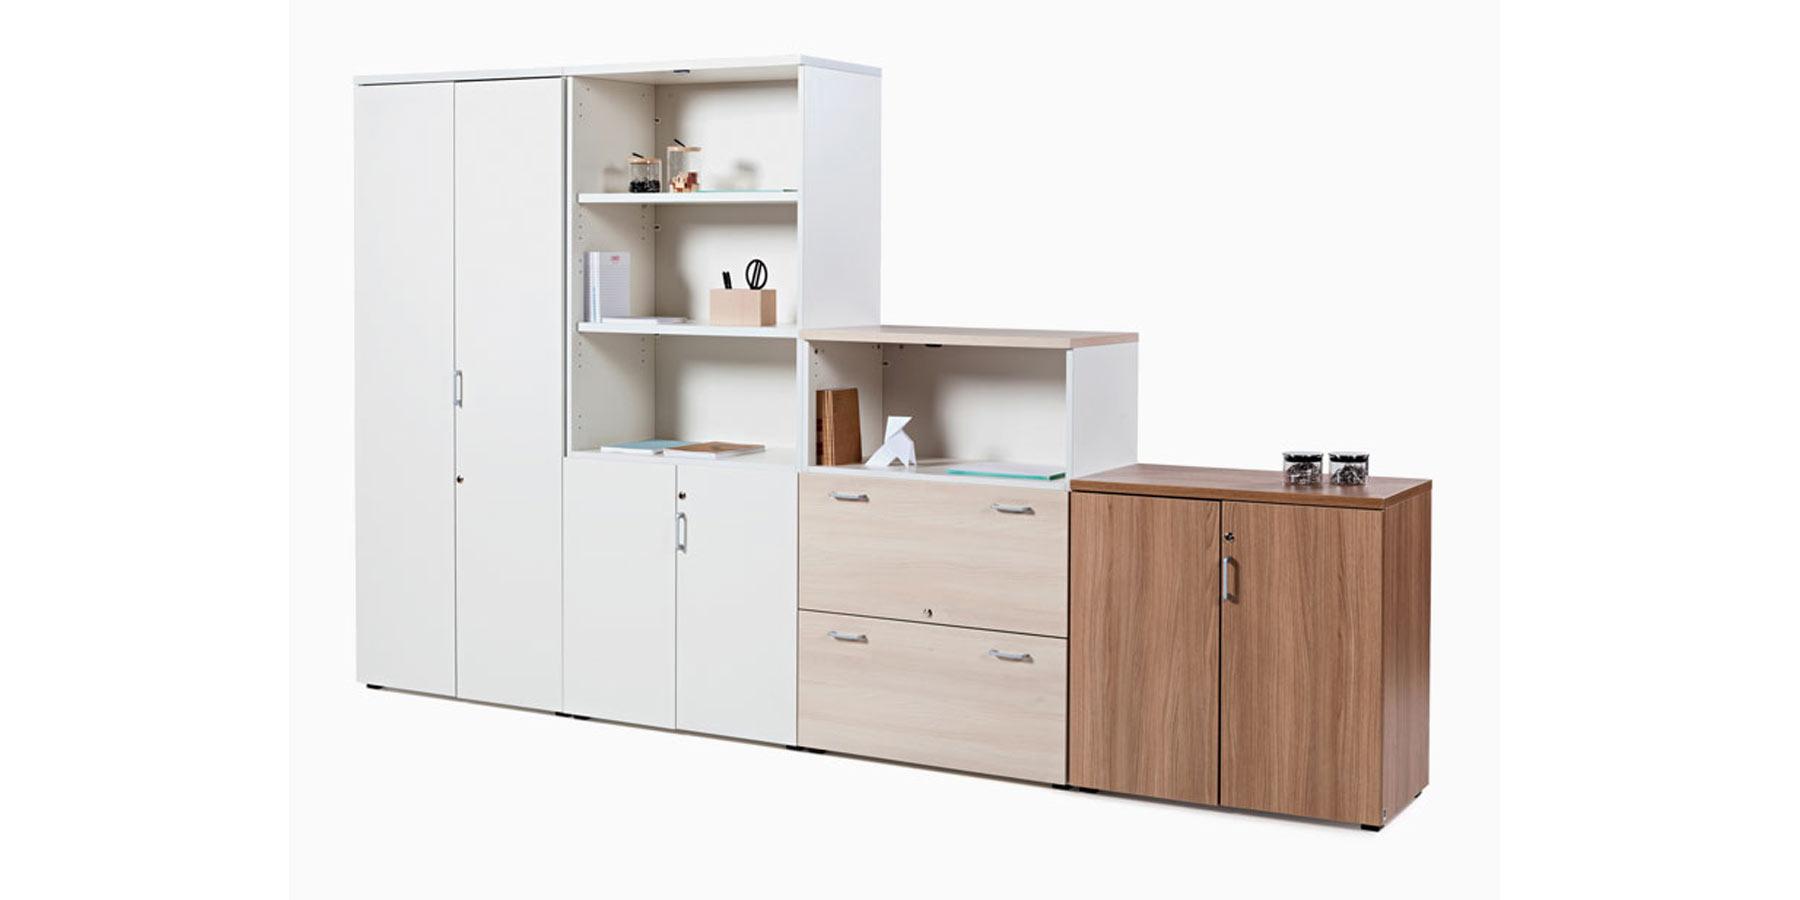 escoger un mueble de melamina o madera